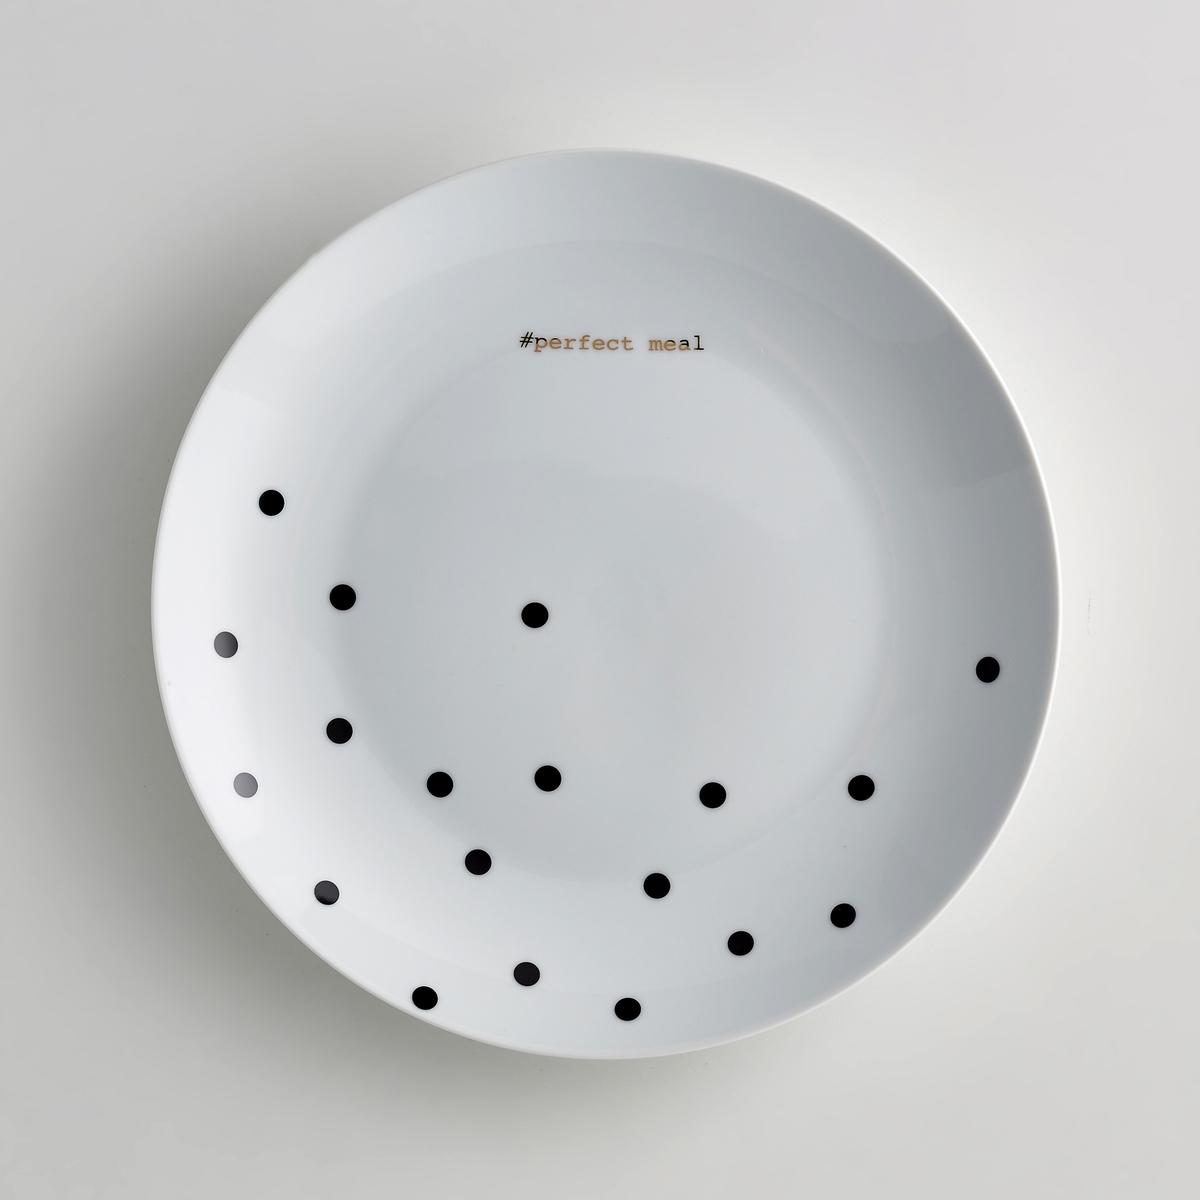 Фото - Комплект из 4 мелких тарелок LaRedoute Из фарфора KUBLER единый размер черный набор la redoute из двух металлических настенных полок watford единый размер черный